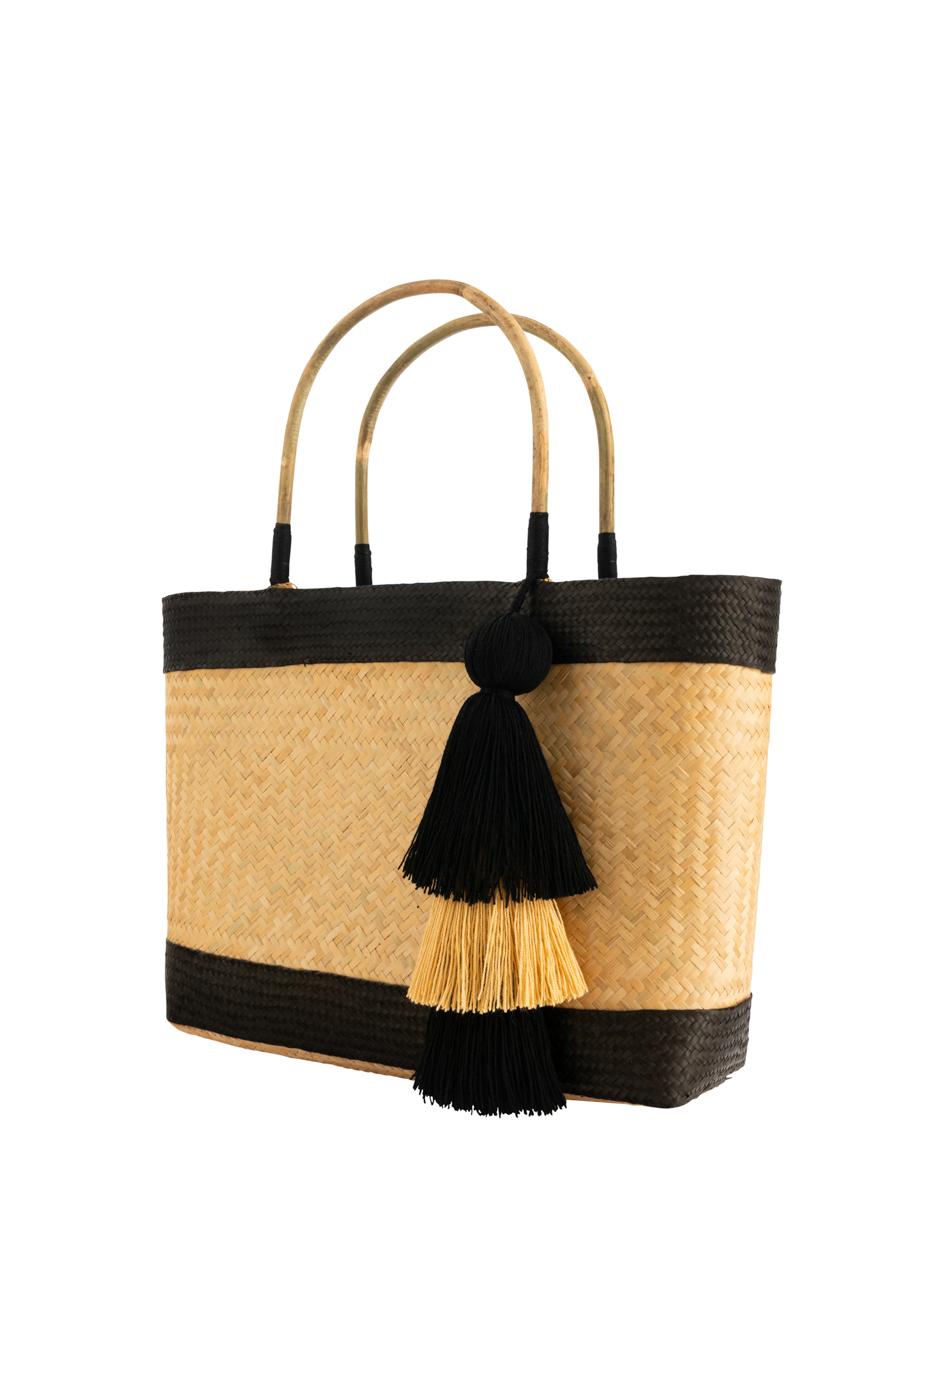 Canasto de fibra natural decorado con caña flecha-negro